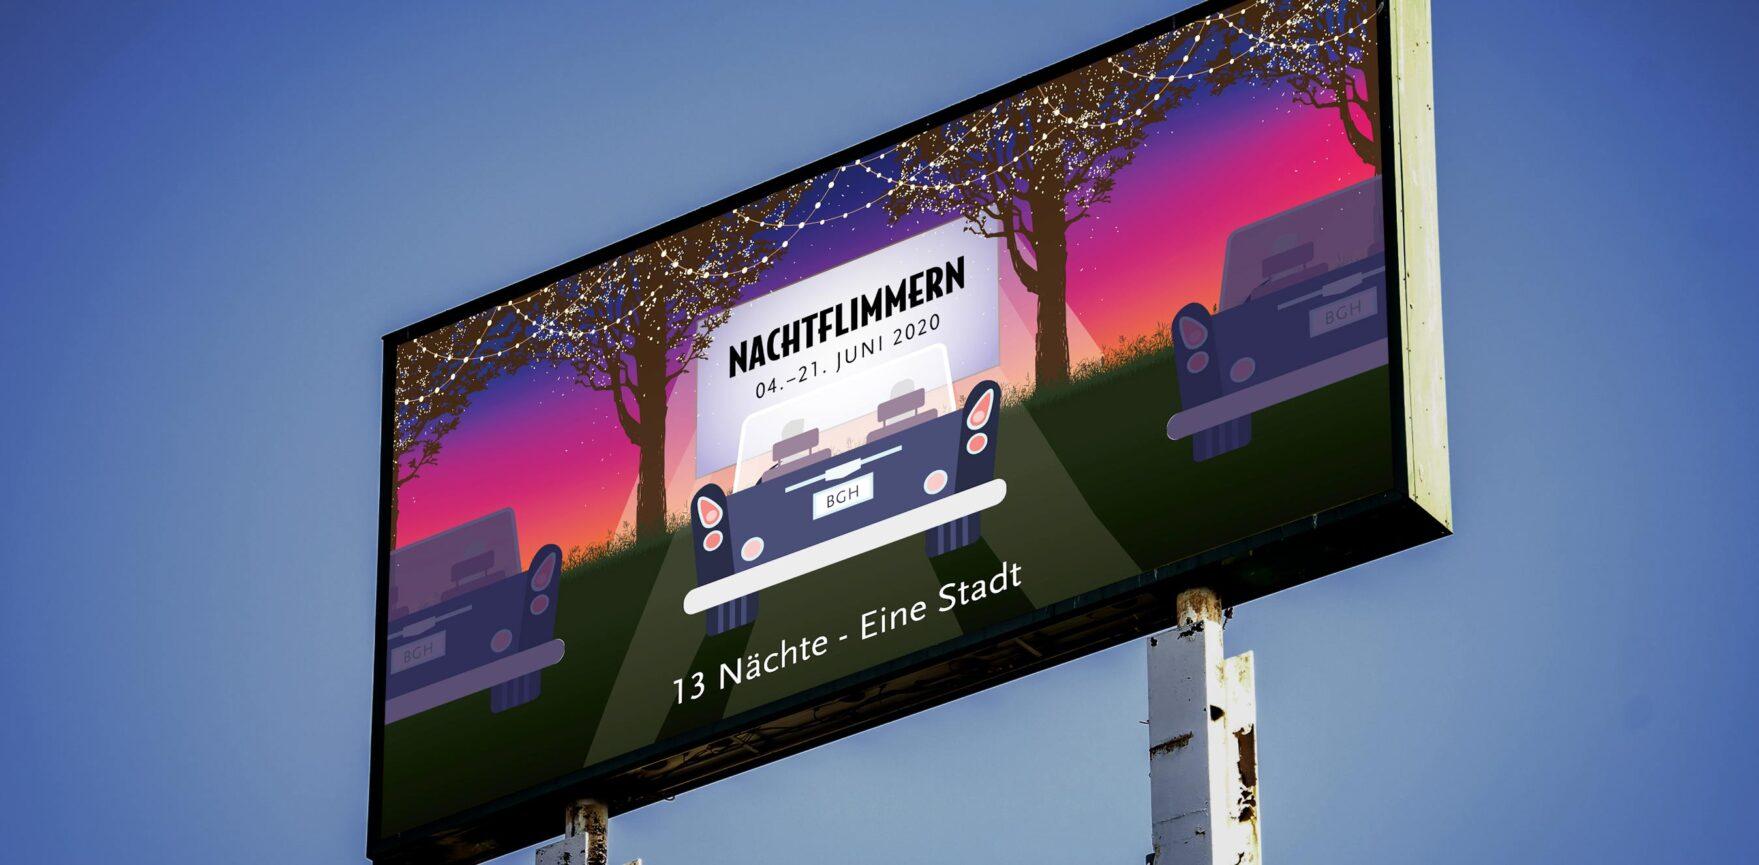 Nachtflimmern - Autokino in Burghausen-Großflaeche Plakat OOH Werbung